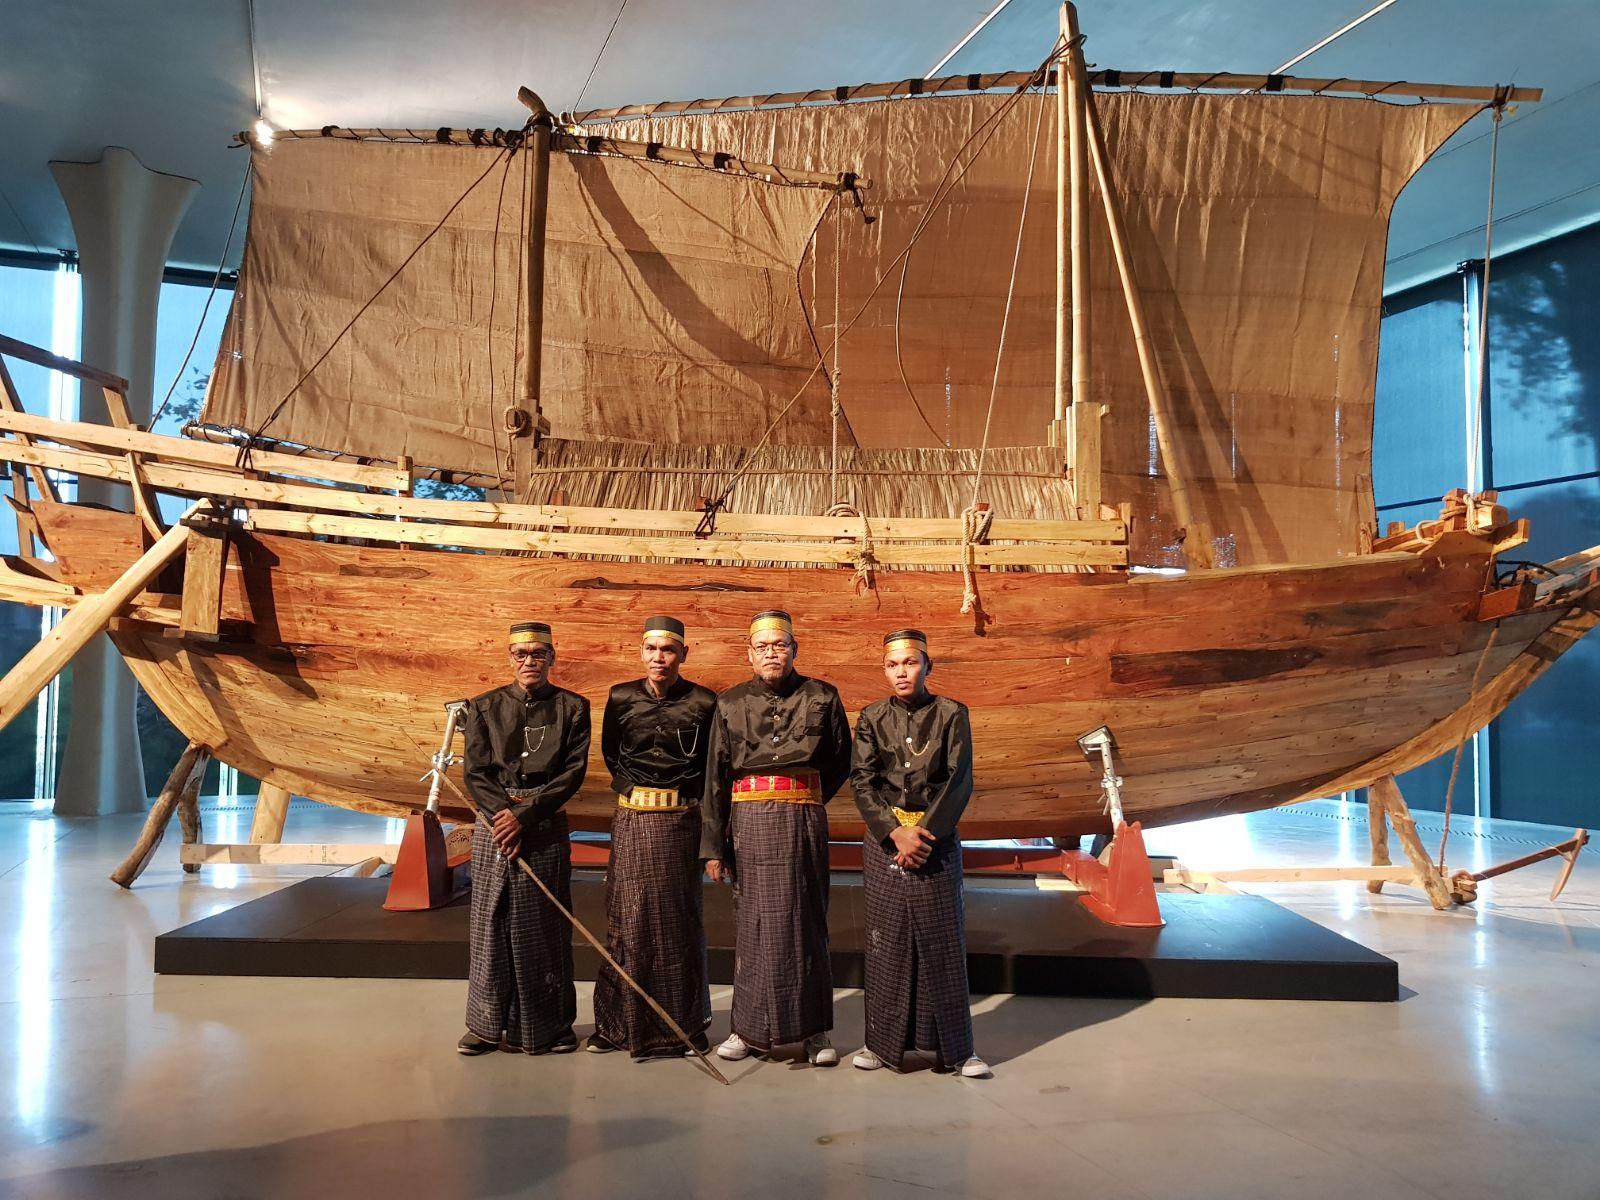 Pameran Budaya Maritim Indonesia Hadir di Eropa